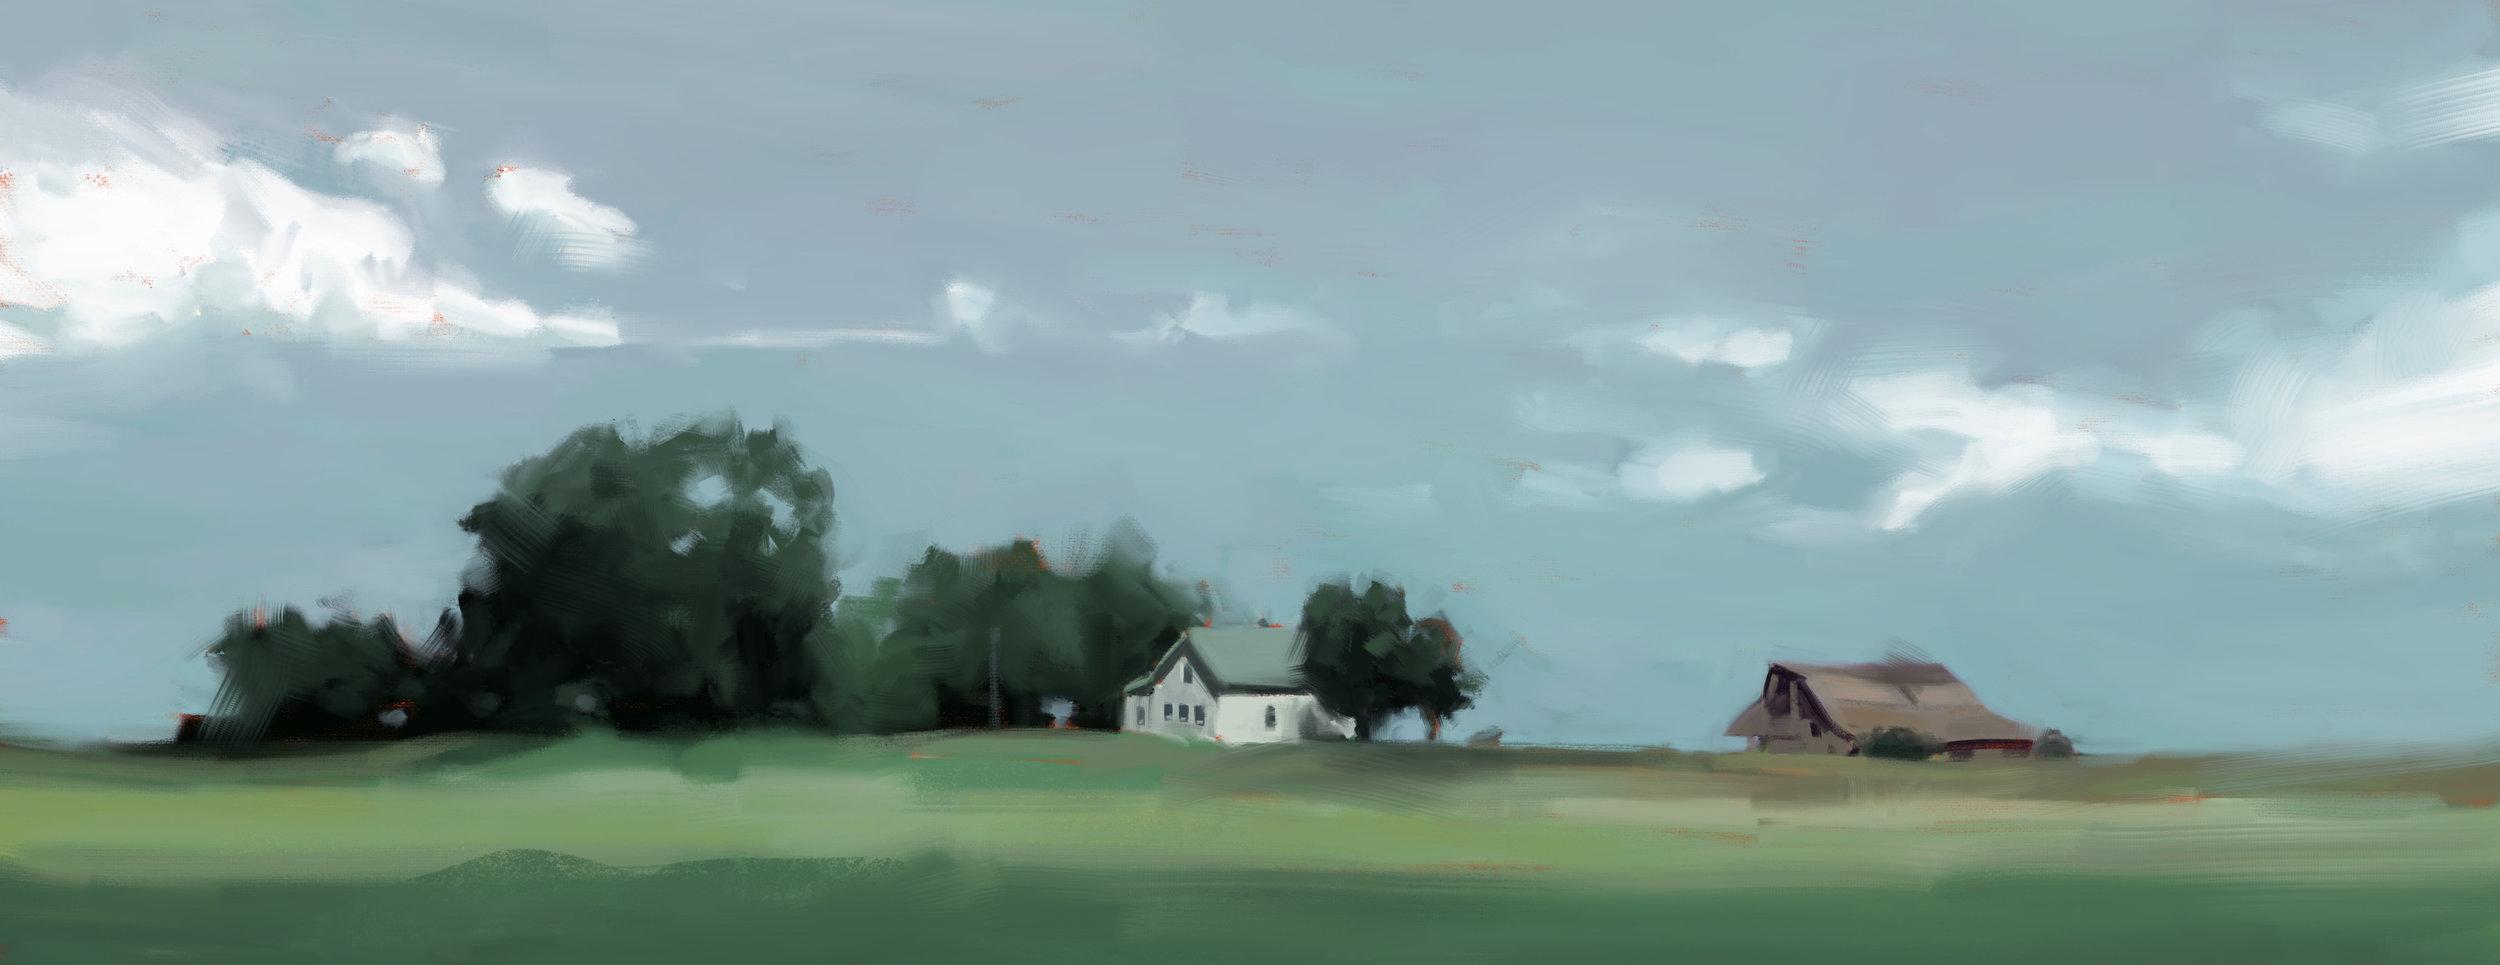 Newton_Barn and House_Digital_4498x1736.jpg